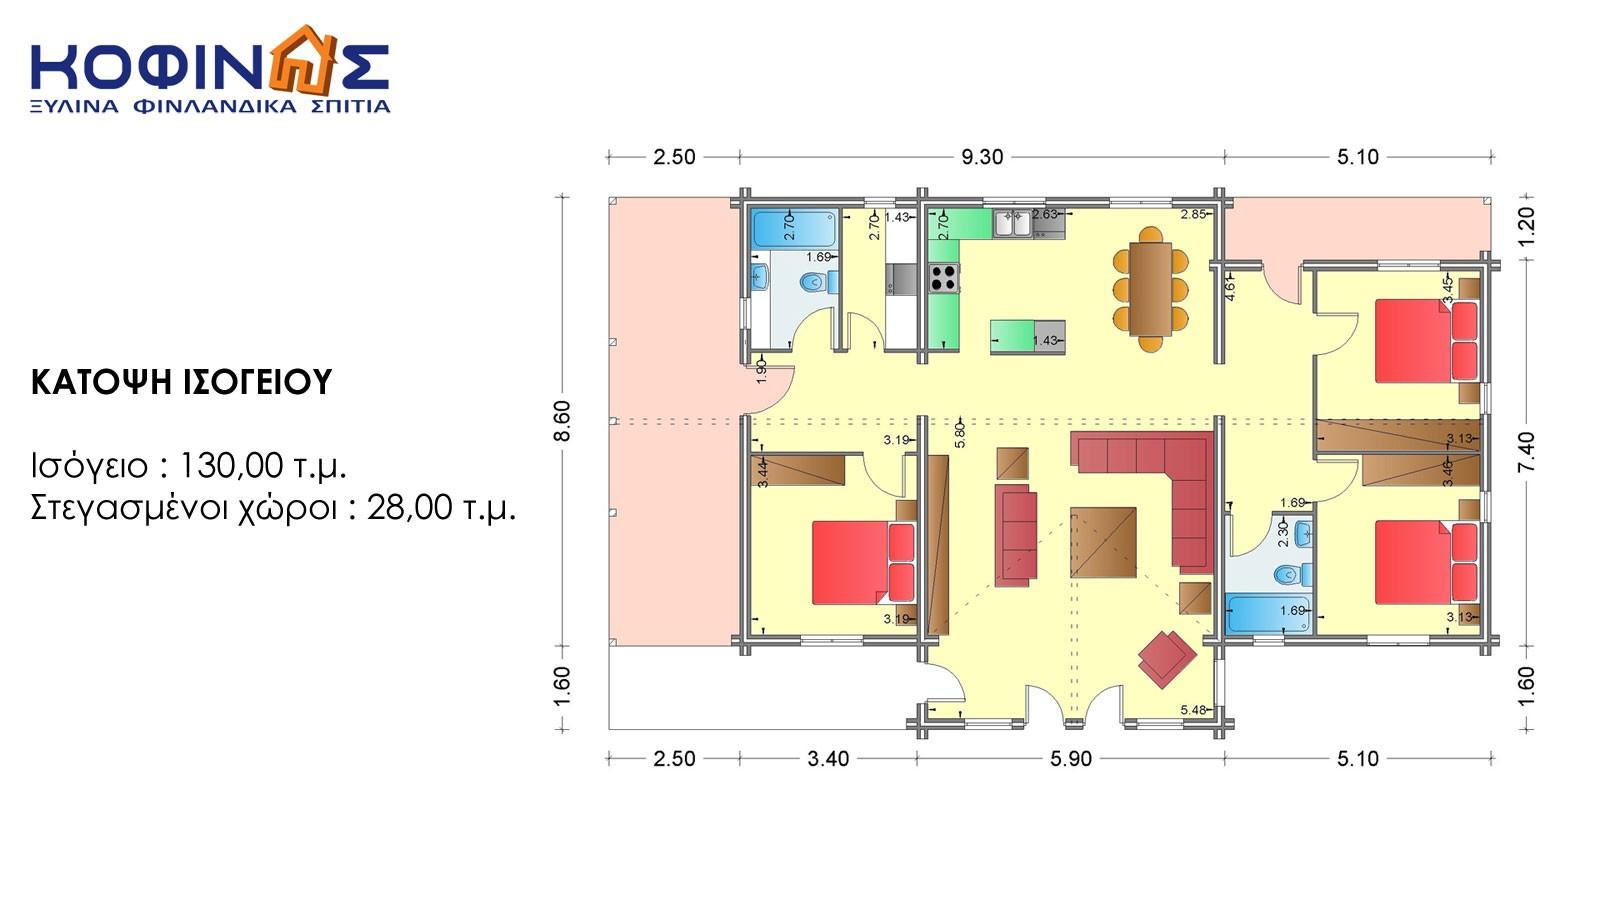 Ισόγεια Ξύλινη Κατοικία XI-130, συνολικής επιφάνειας 130,00 τ.μ.